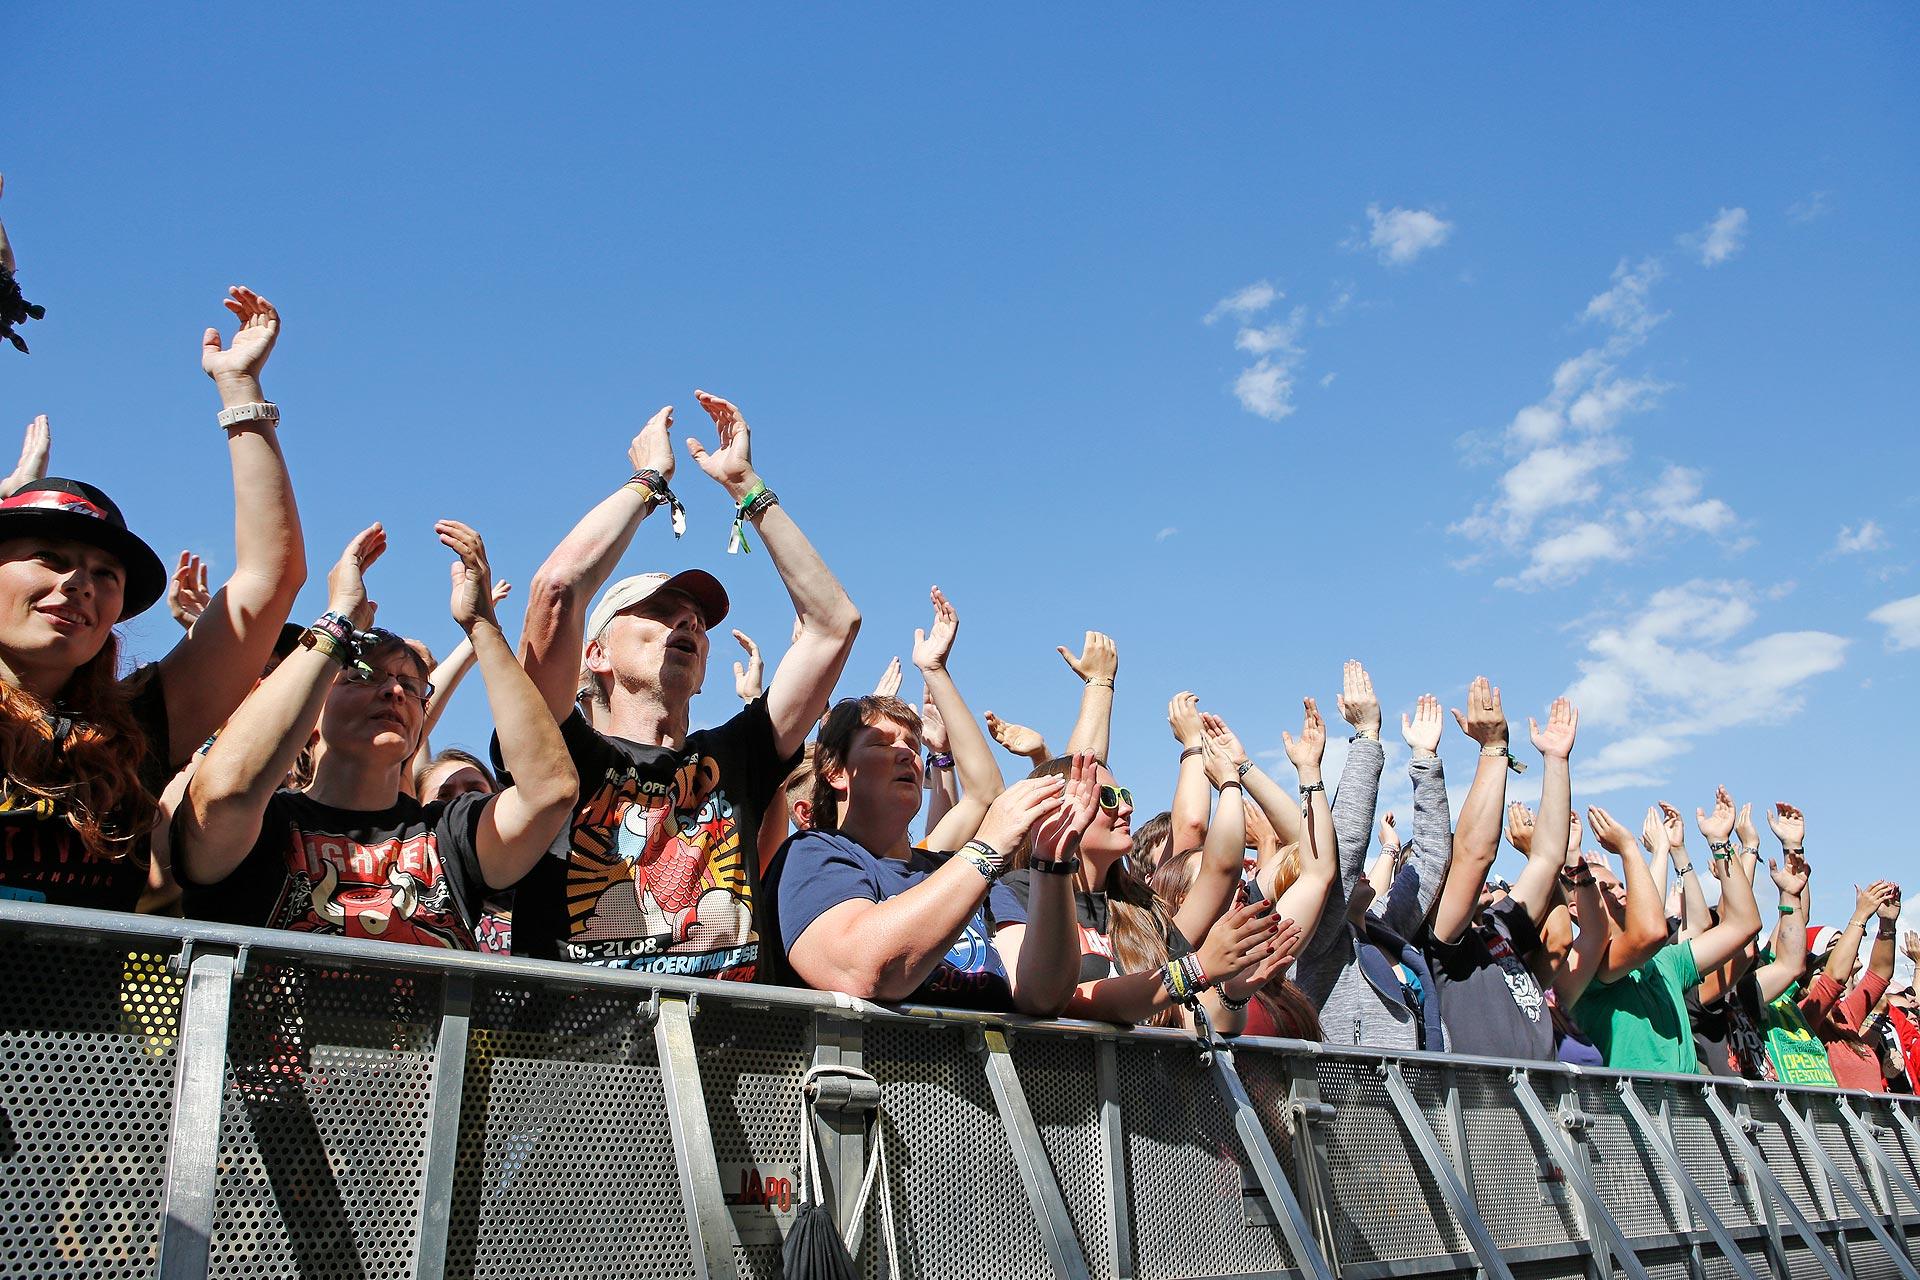 Lustige Truppe: Die Monsters of Liedermaching behaupteten sich zwischen den Metalbands auf dem Highfield.